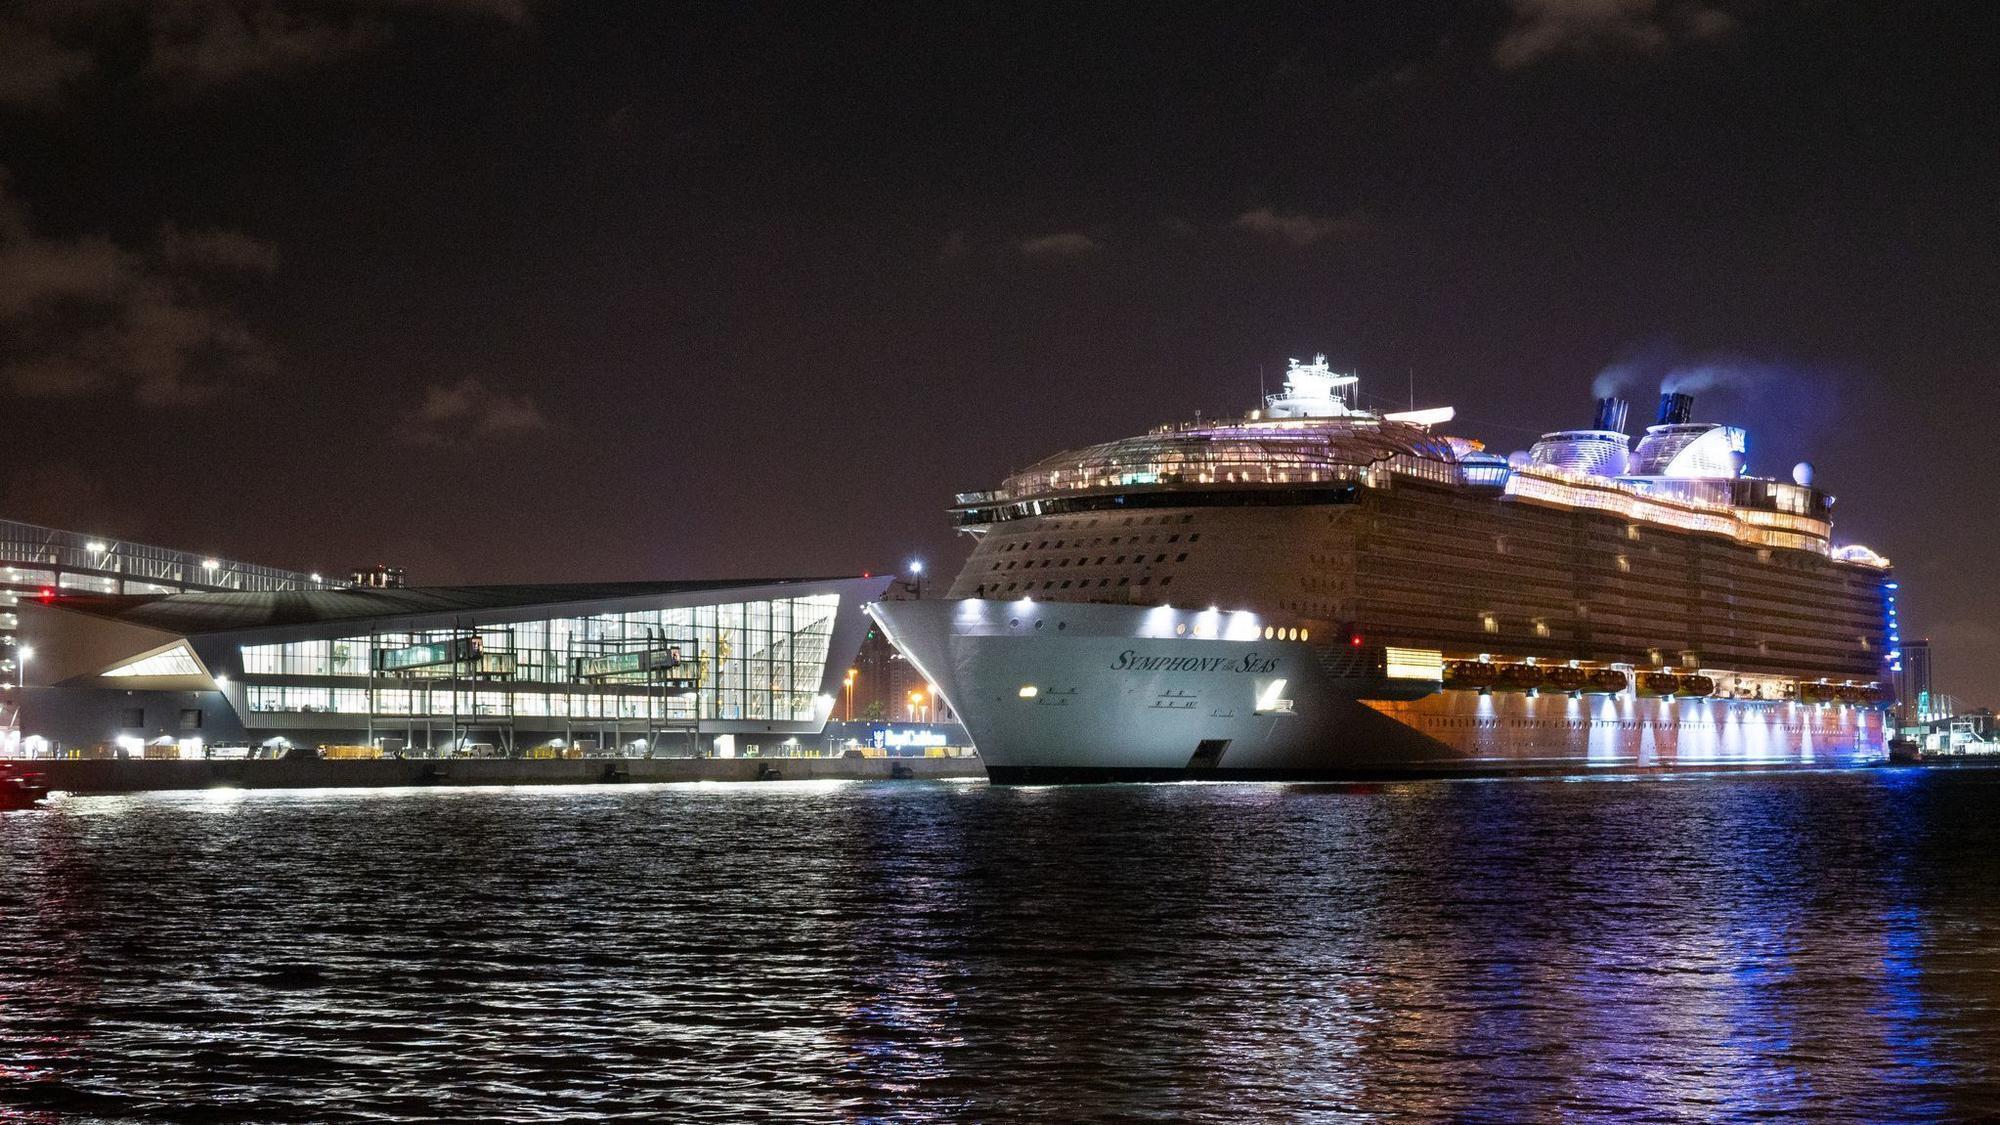 Royal Caribbean S Symphony Of The Seas Aka The World S